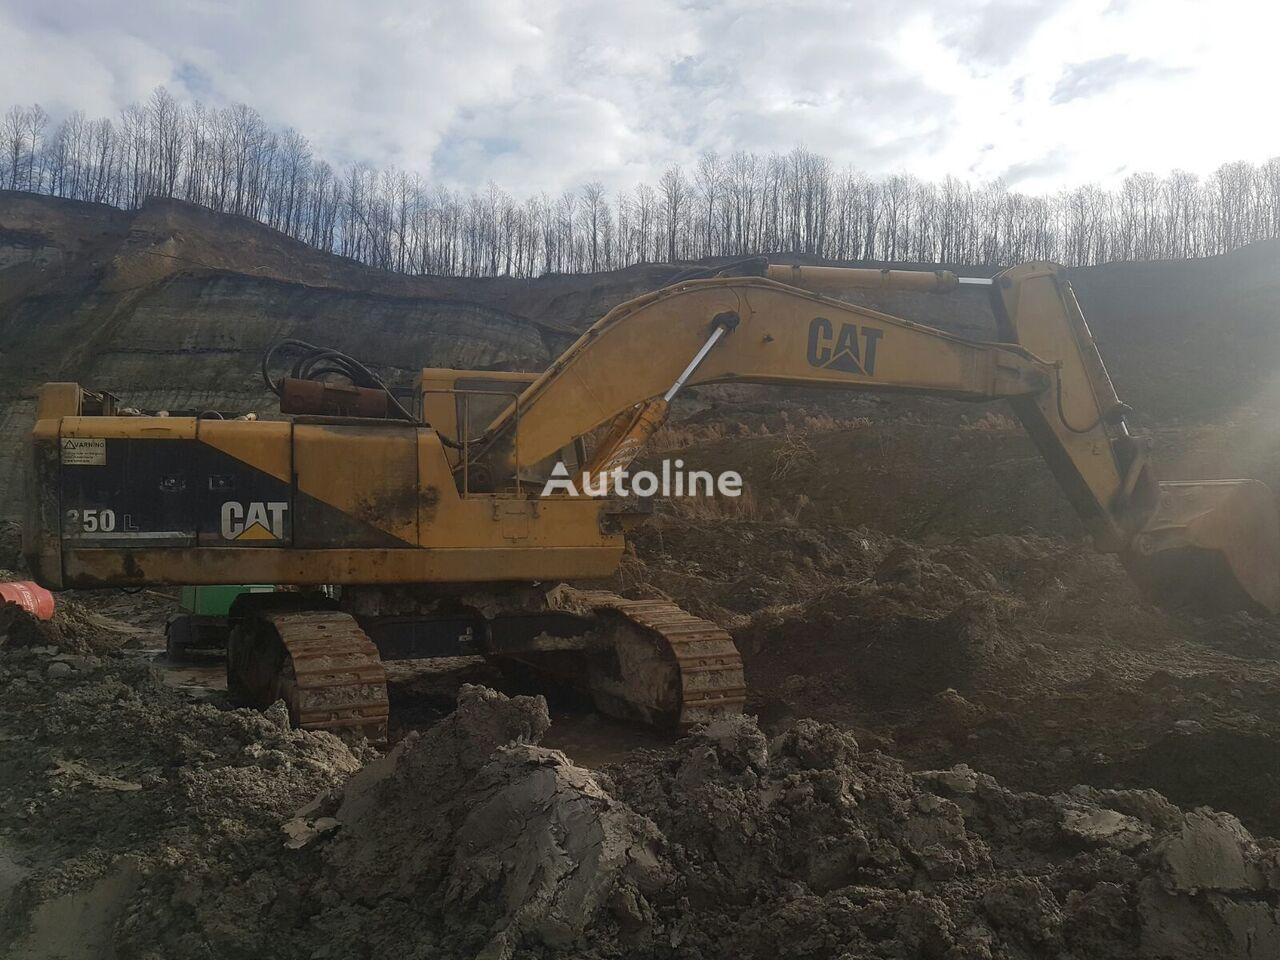 CATERPILLAR 350 engine for CATERPILLAR 350 excavator